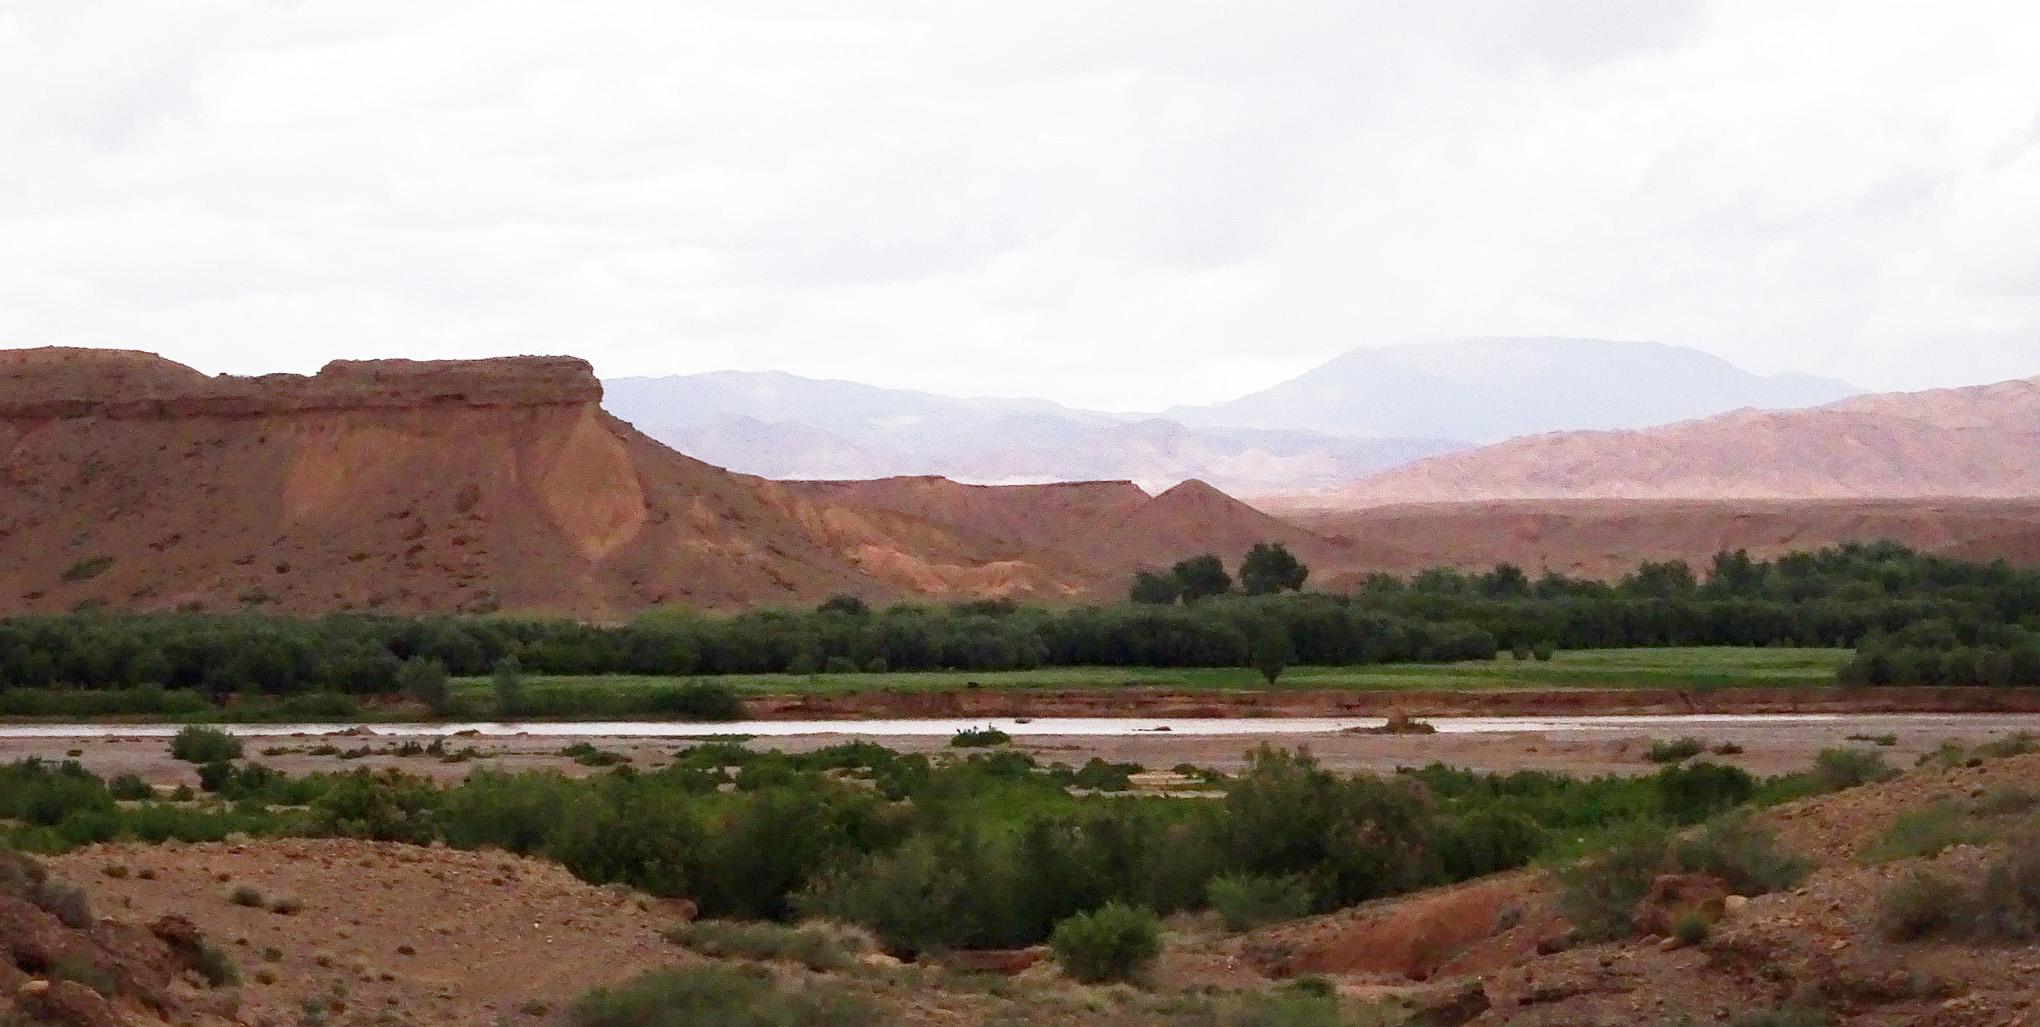 Moulouya River - 9 DSC06760